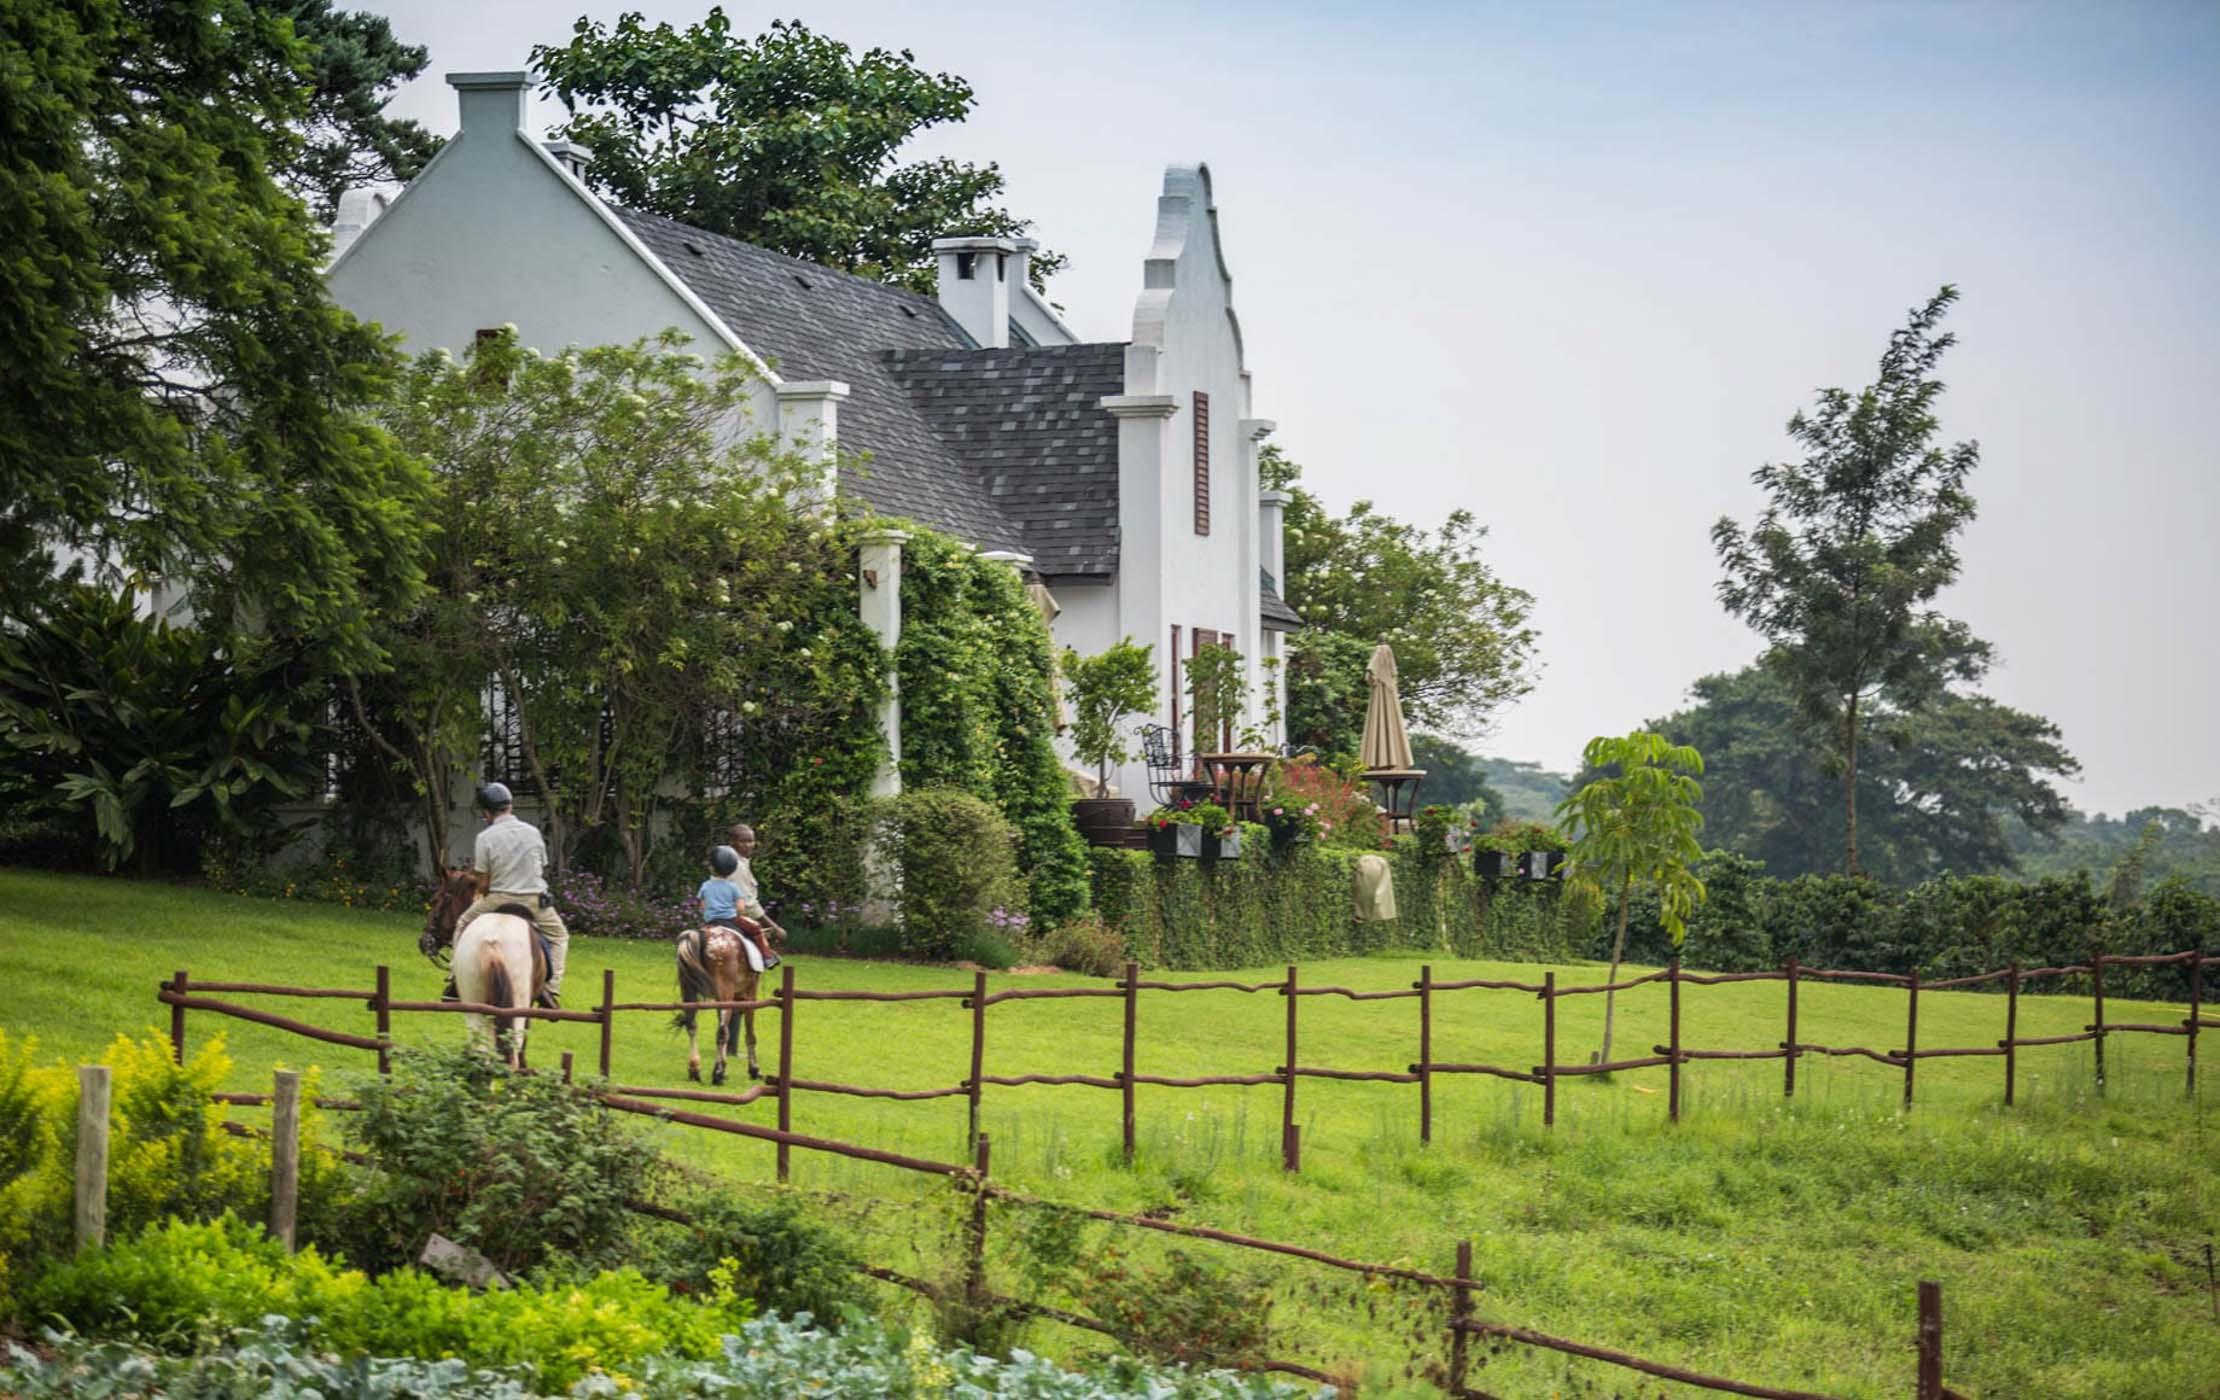 Riding horses at The Manor at Ngorongoro Crater